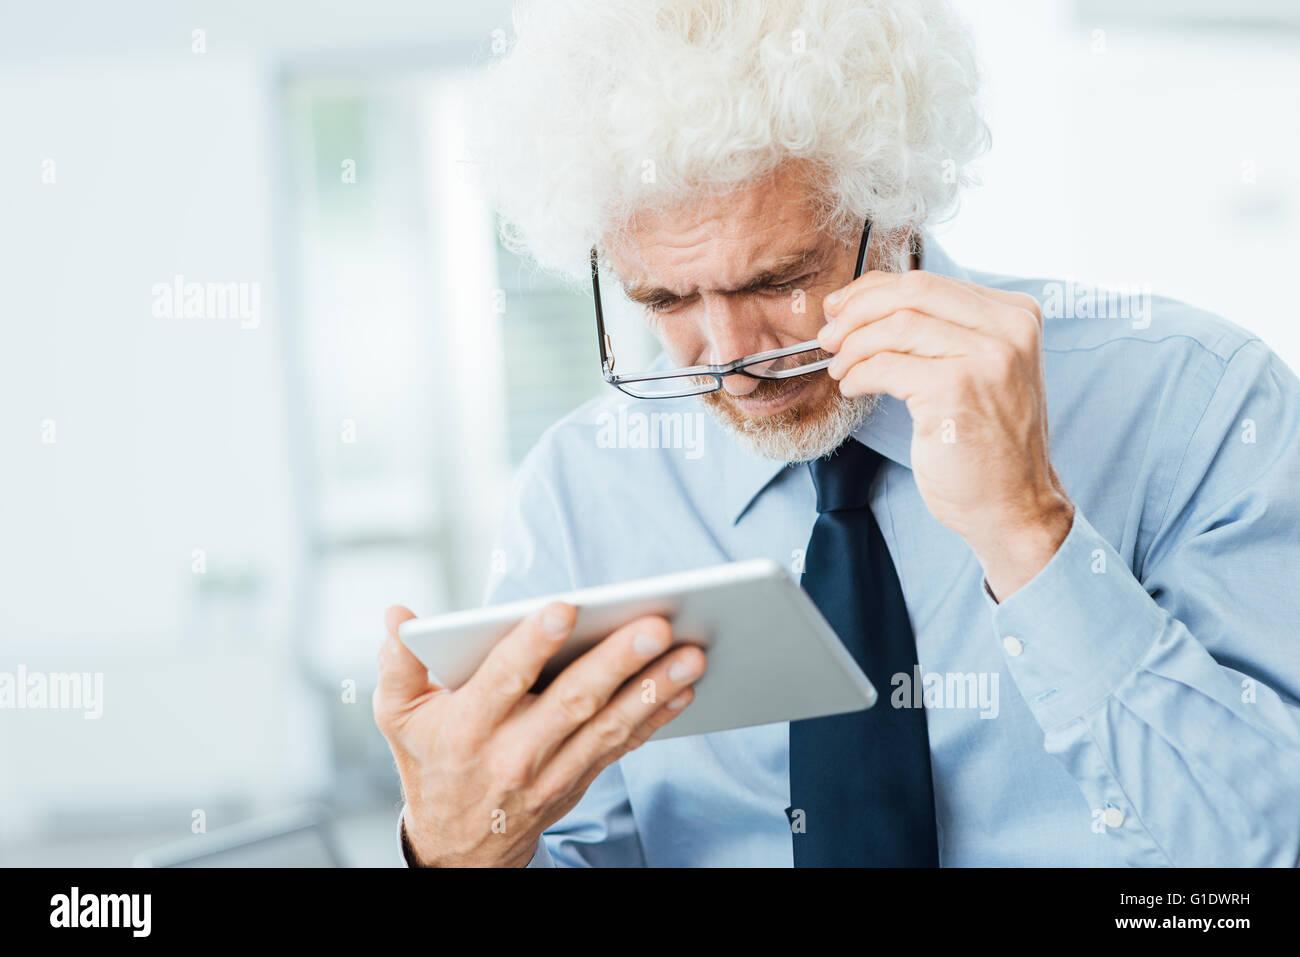 El empresario tiene problemas de la visión, él está usando un tablet y ajustando sus gafas, oficina Imagen De Stock